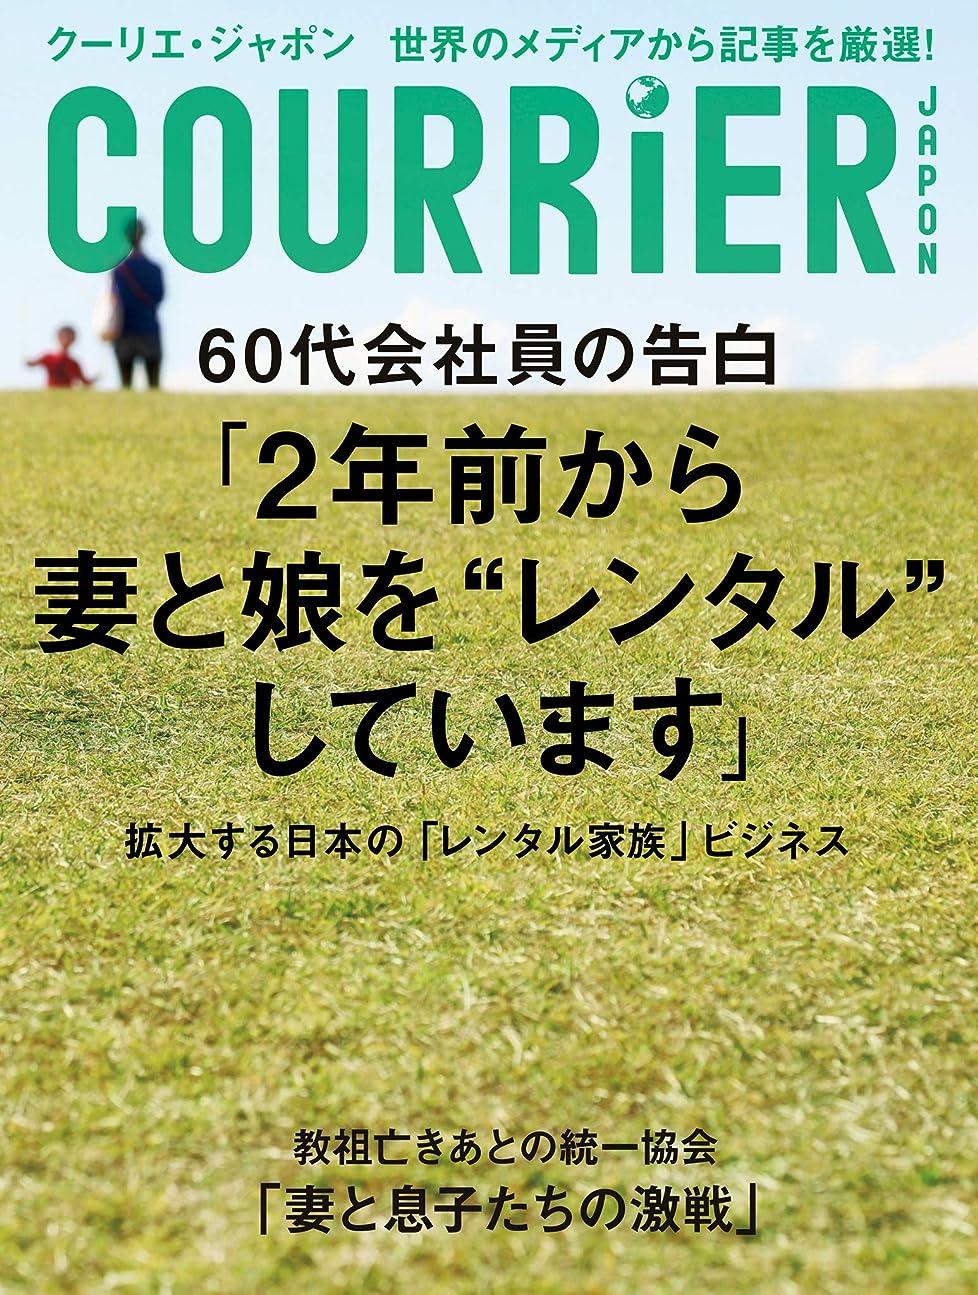 飲み込む志す奨励COURRiER Japon (クーリエジャポン)[電子書籍パッケージ版] 2019年 2月号 [雑誌]